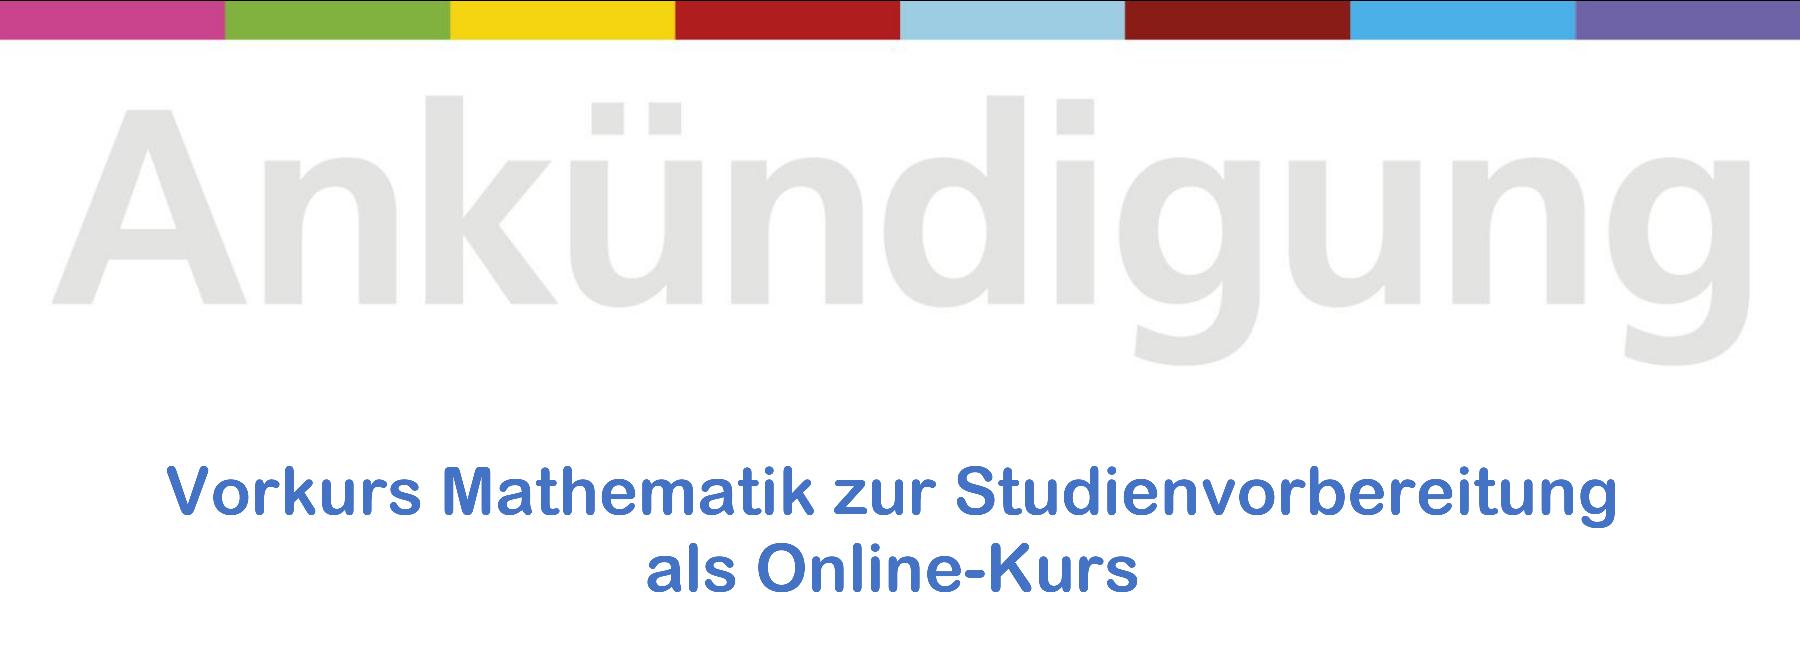 Vorkurs Mathematik zur Studienvorbereitung als Online-Kurs